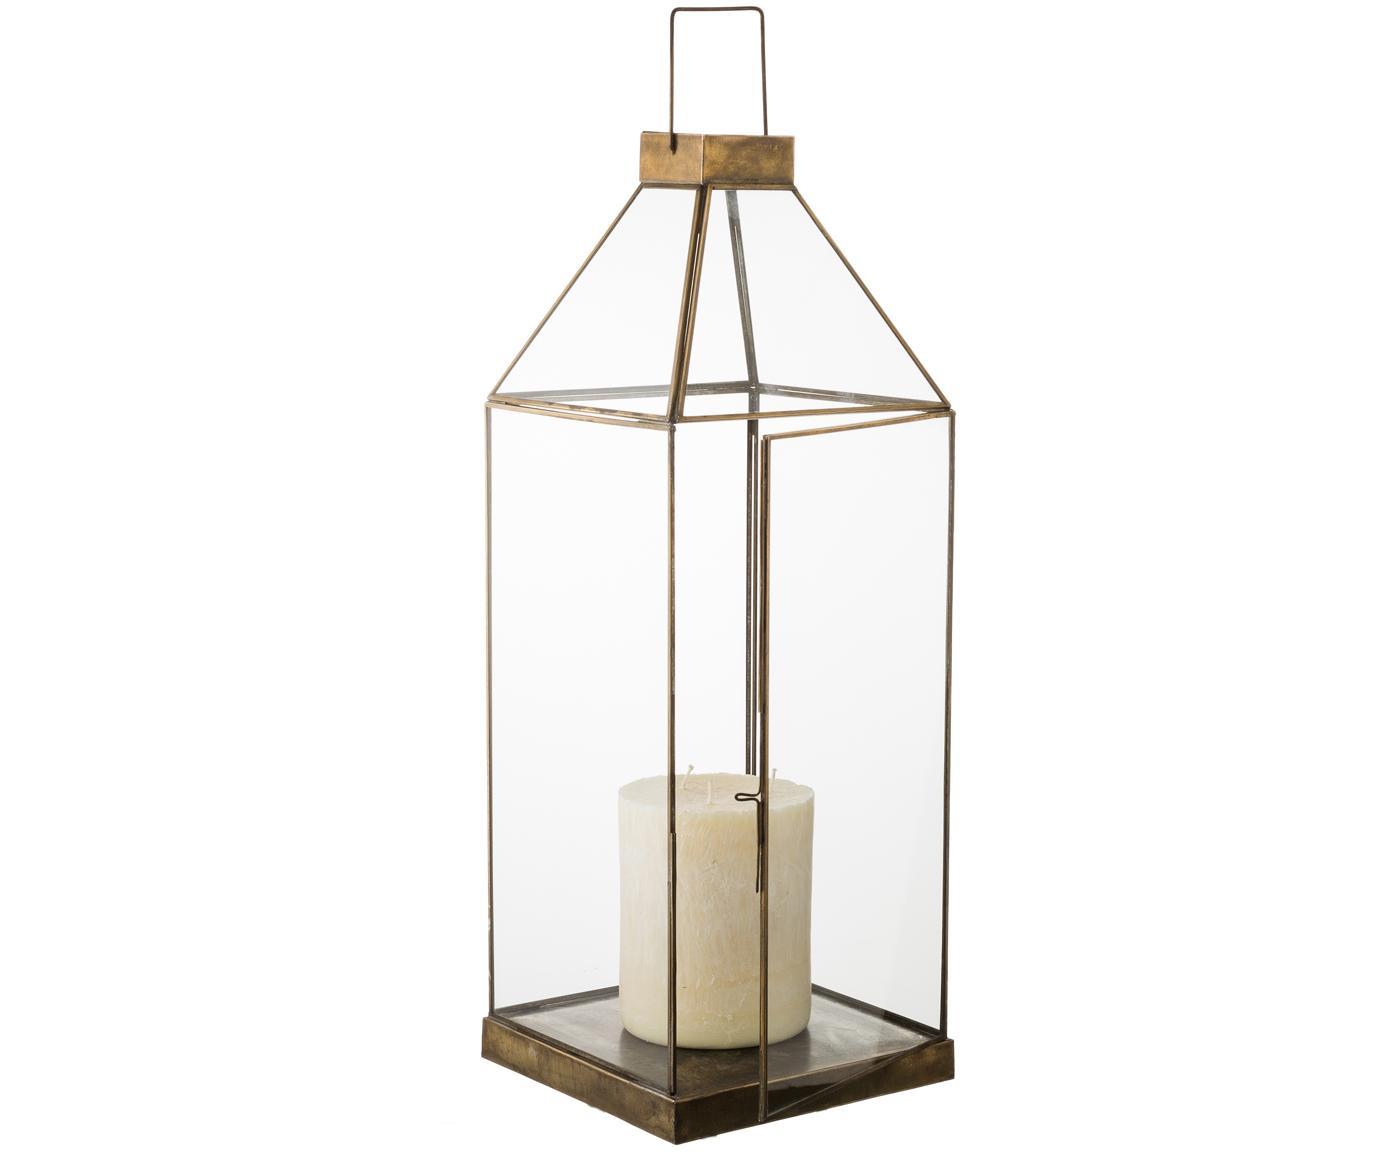 Portavelas Aladin, Estructura: metal, recubierto, Bronce, An 20 x Al 50 cm